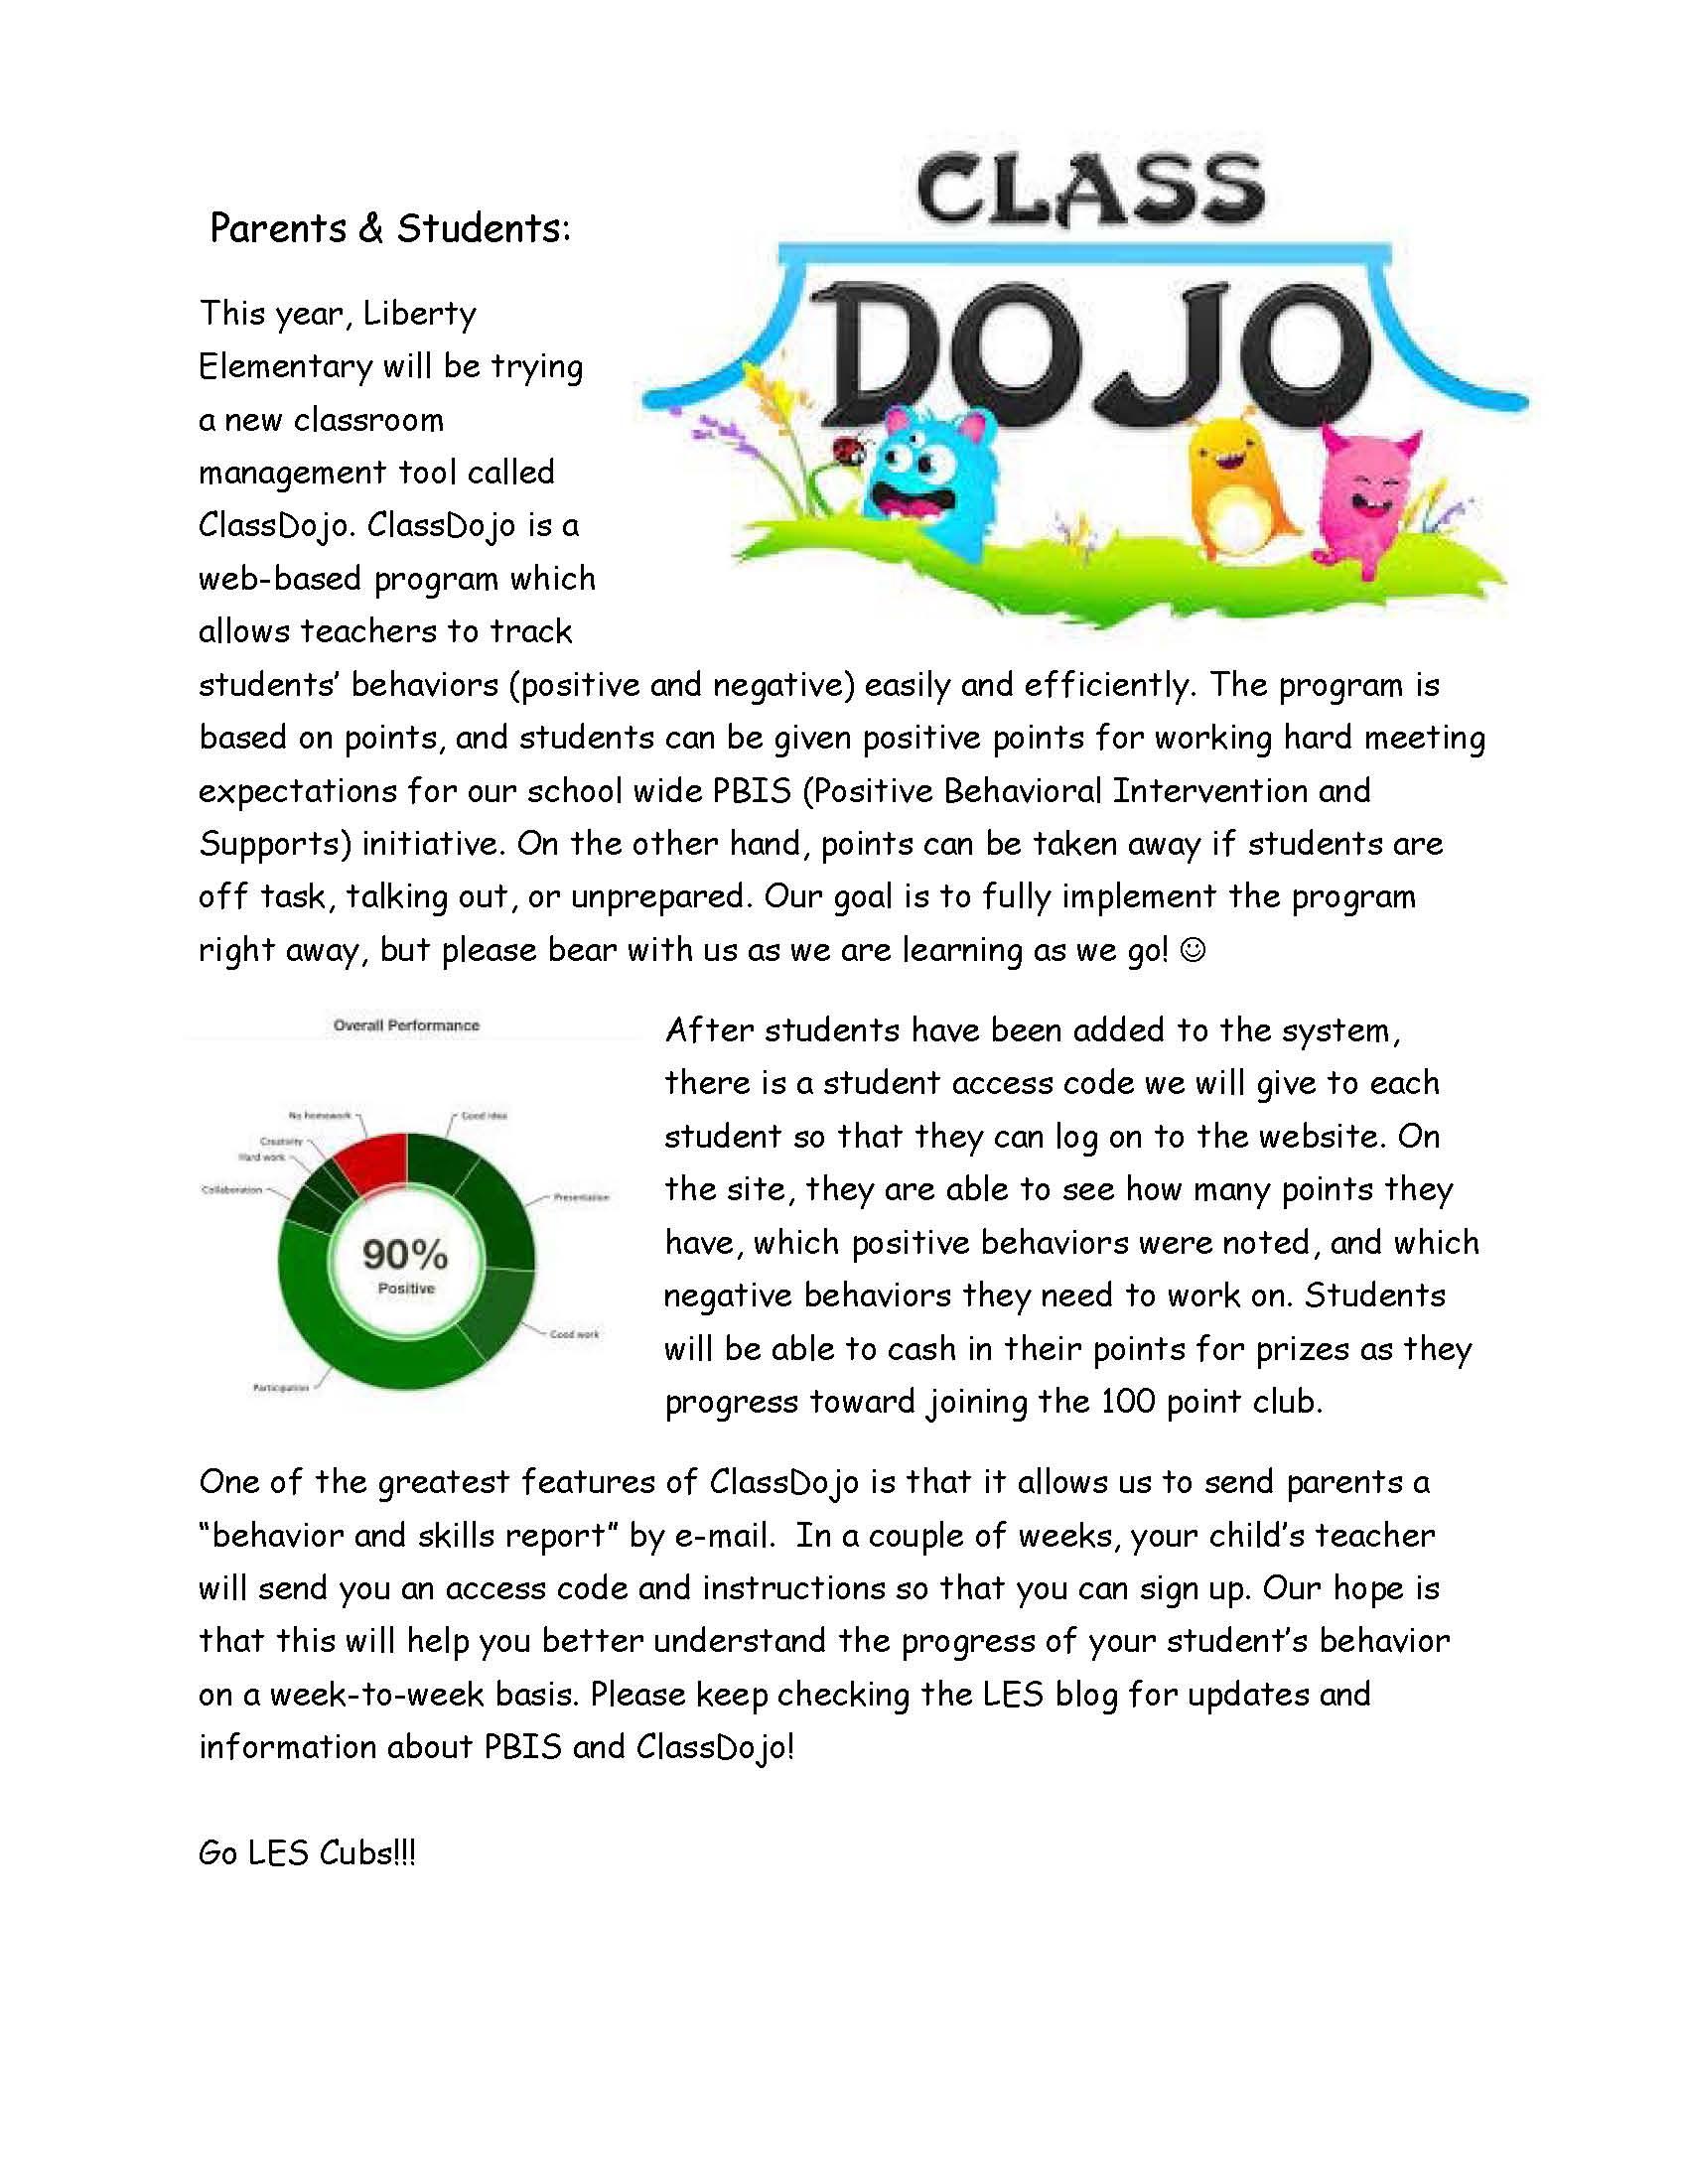 class dojo classdojoparent letter